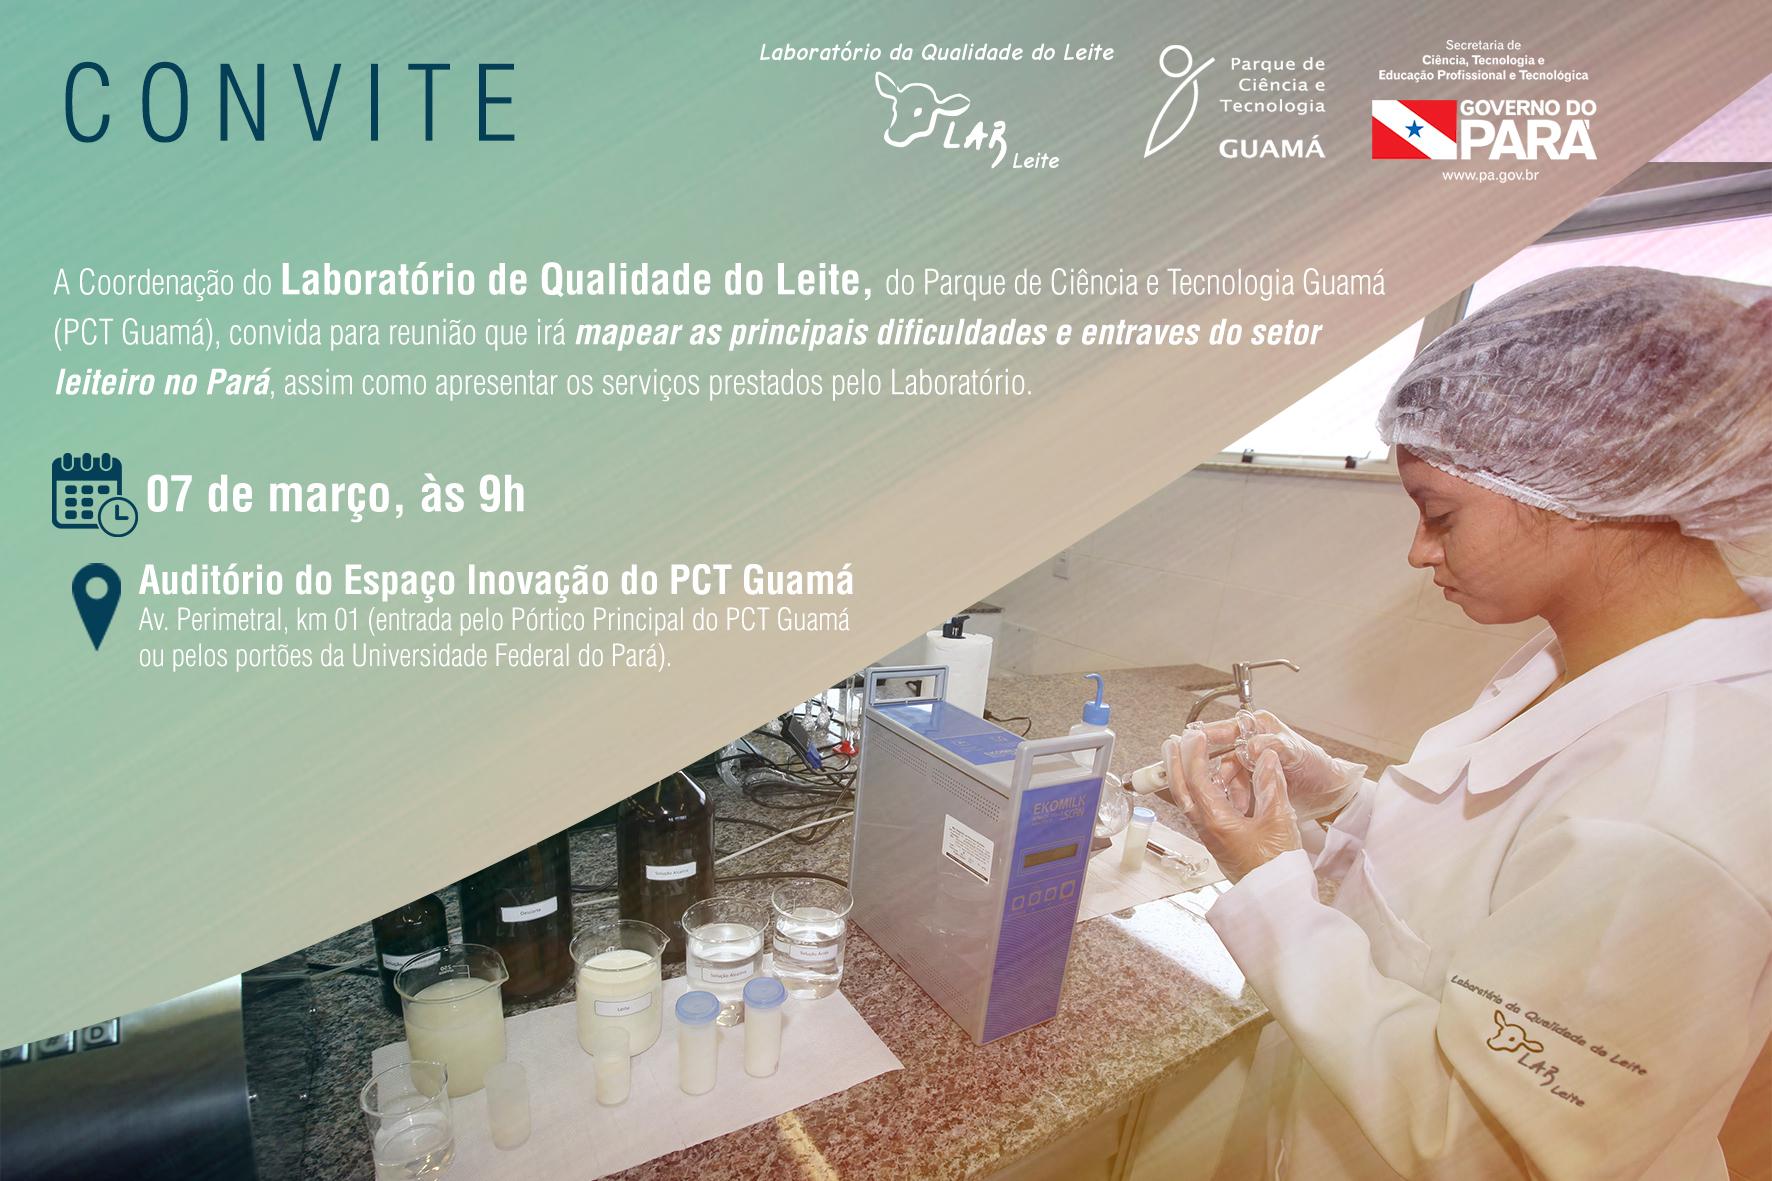 Convite Visita Lab do Leite